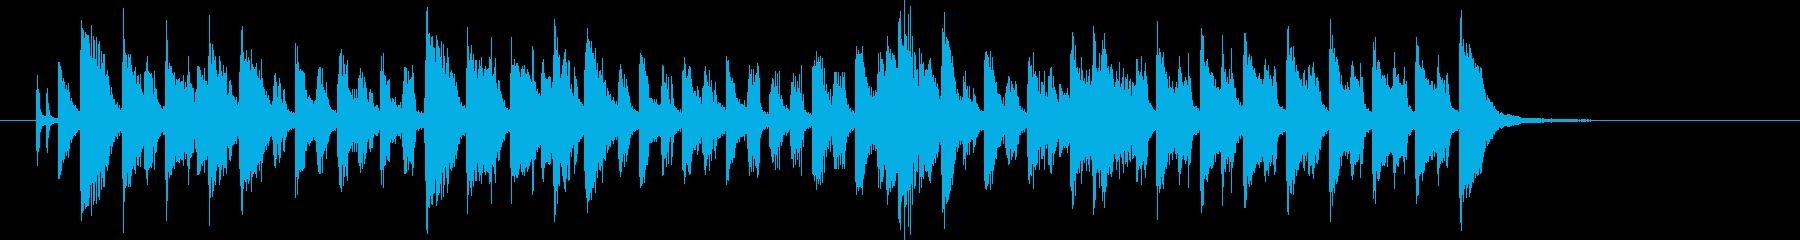 軽やかでムーディなピアノジングルの再生済みの波形